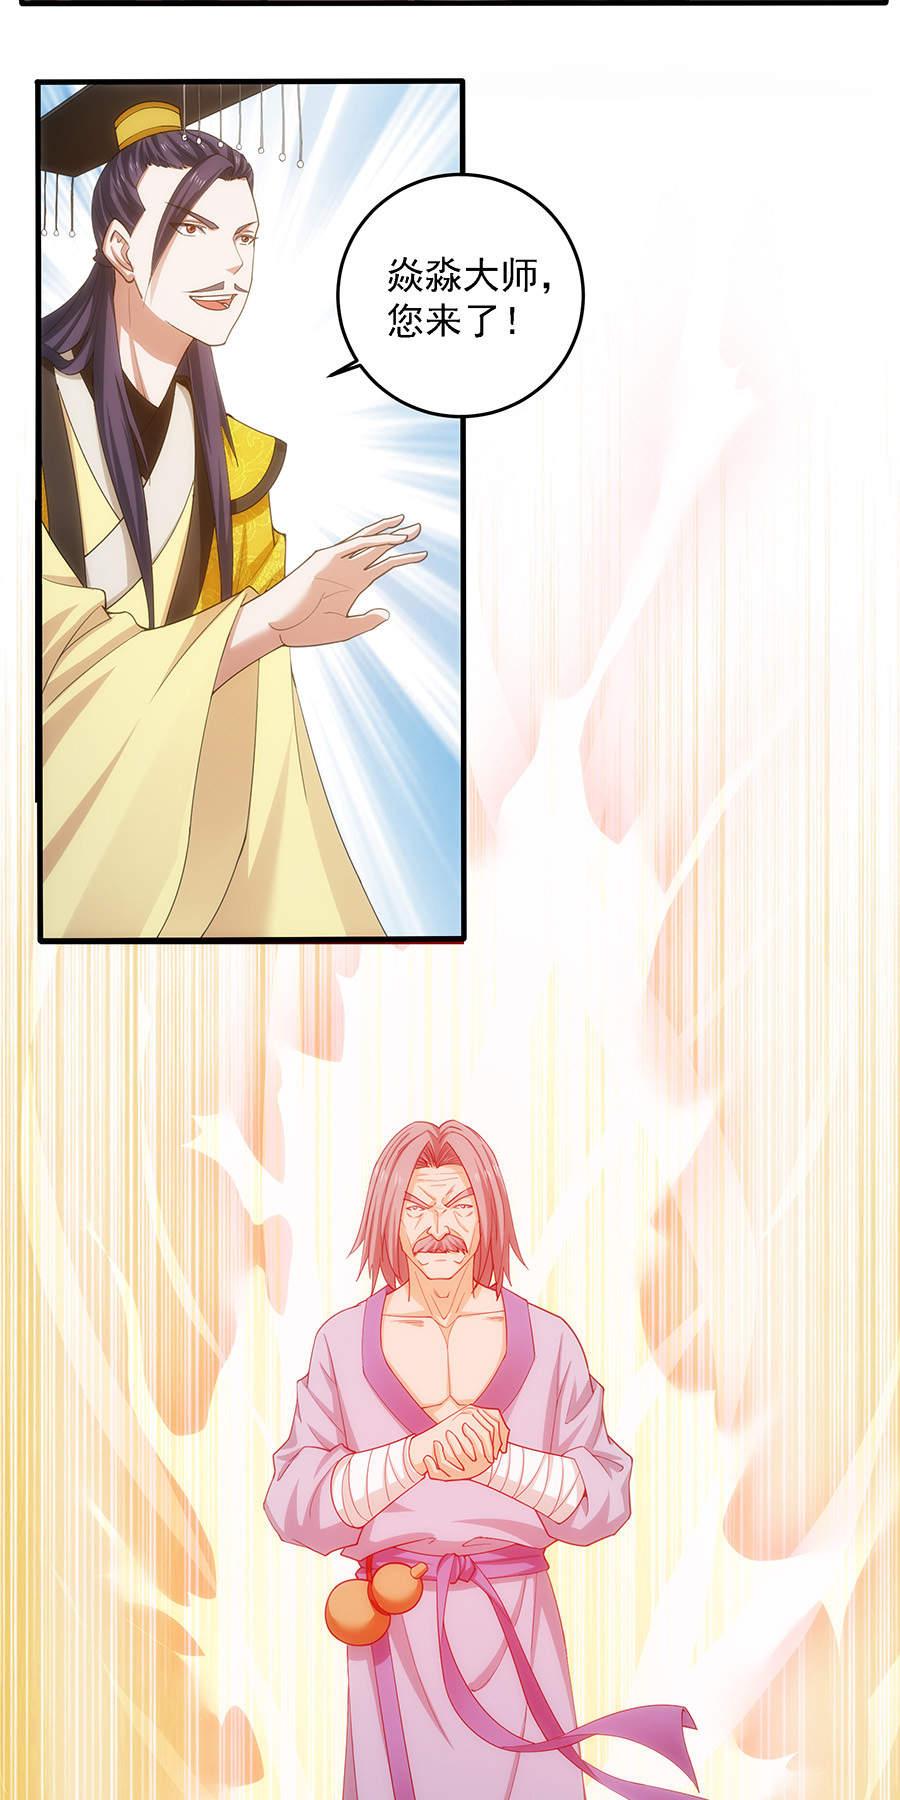 绝世剑神第26话  焱淼登场 第 3